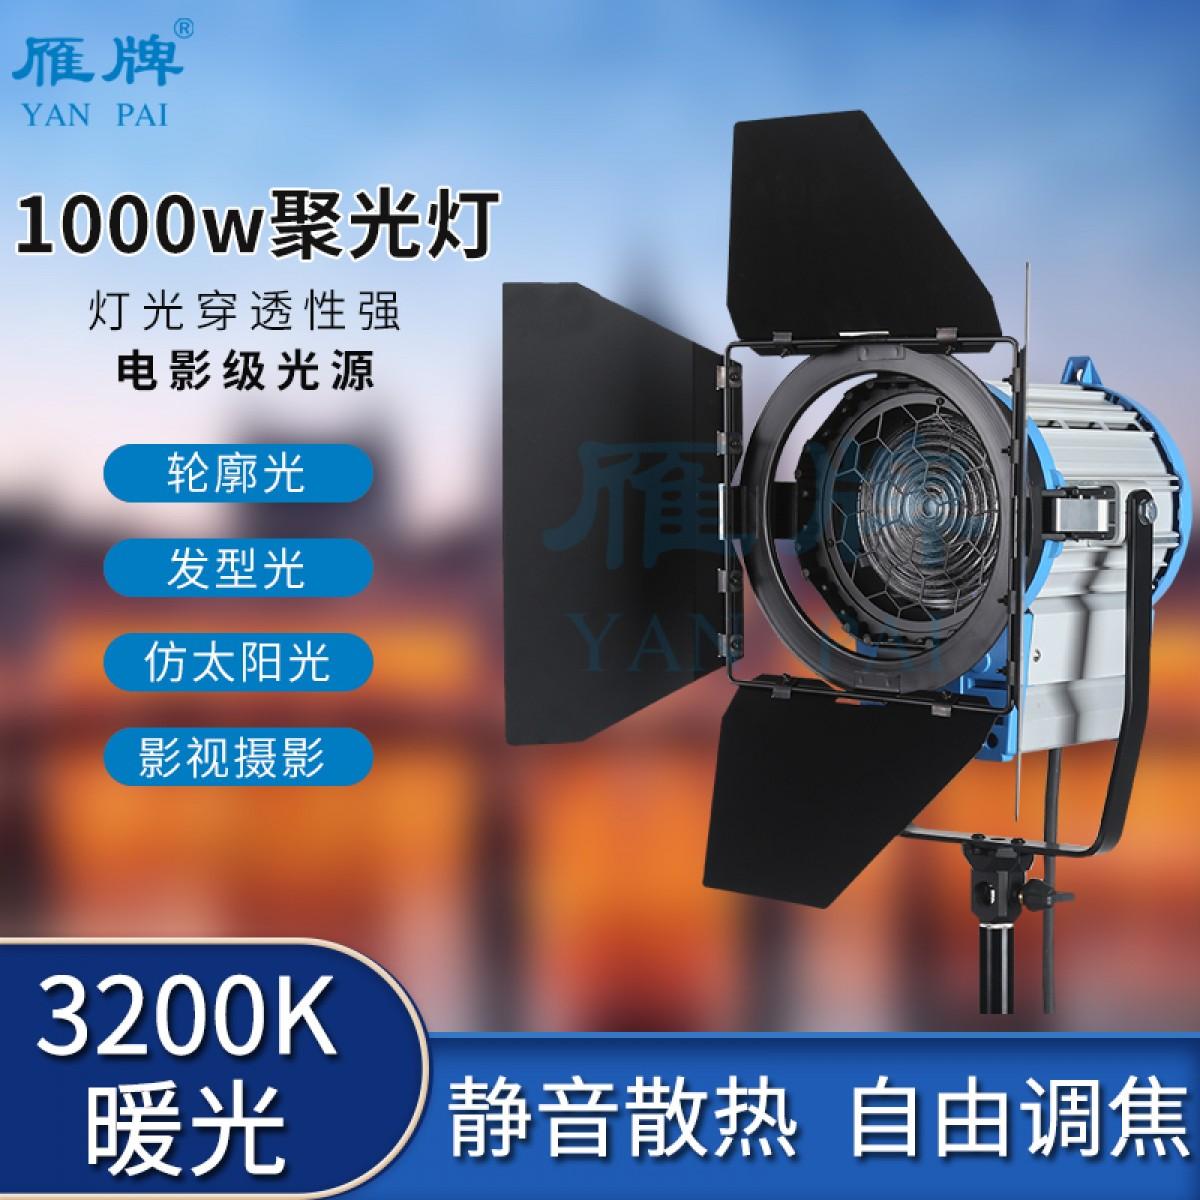 雁牌1000W摄影灯聚光灯影视电影灯视频灯美发店拍照补光灯逆光灯